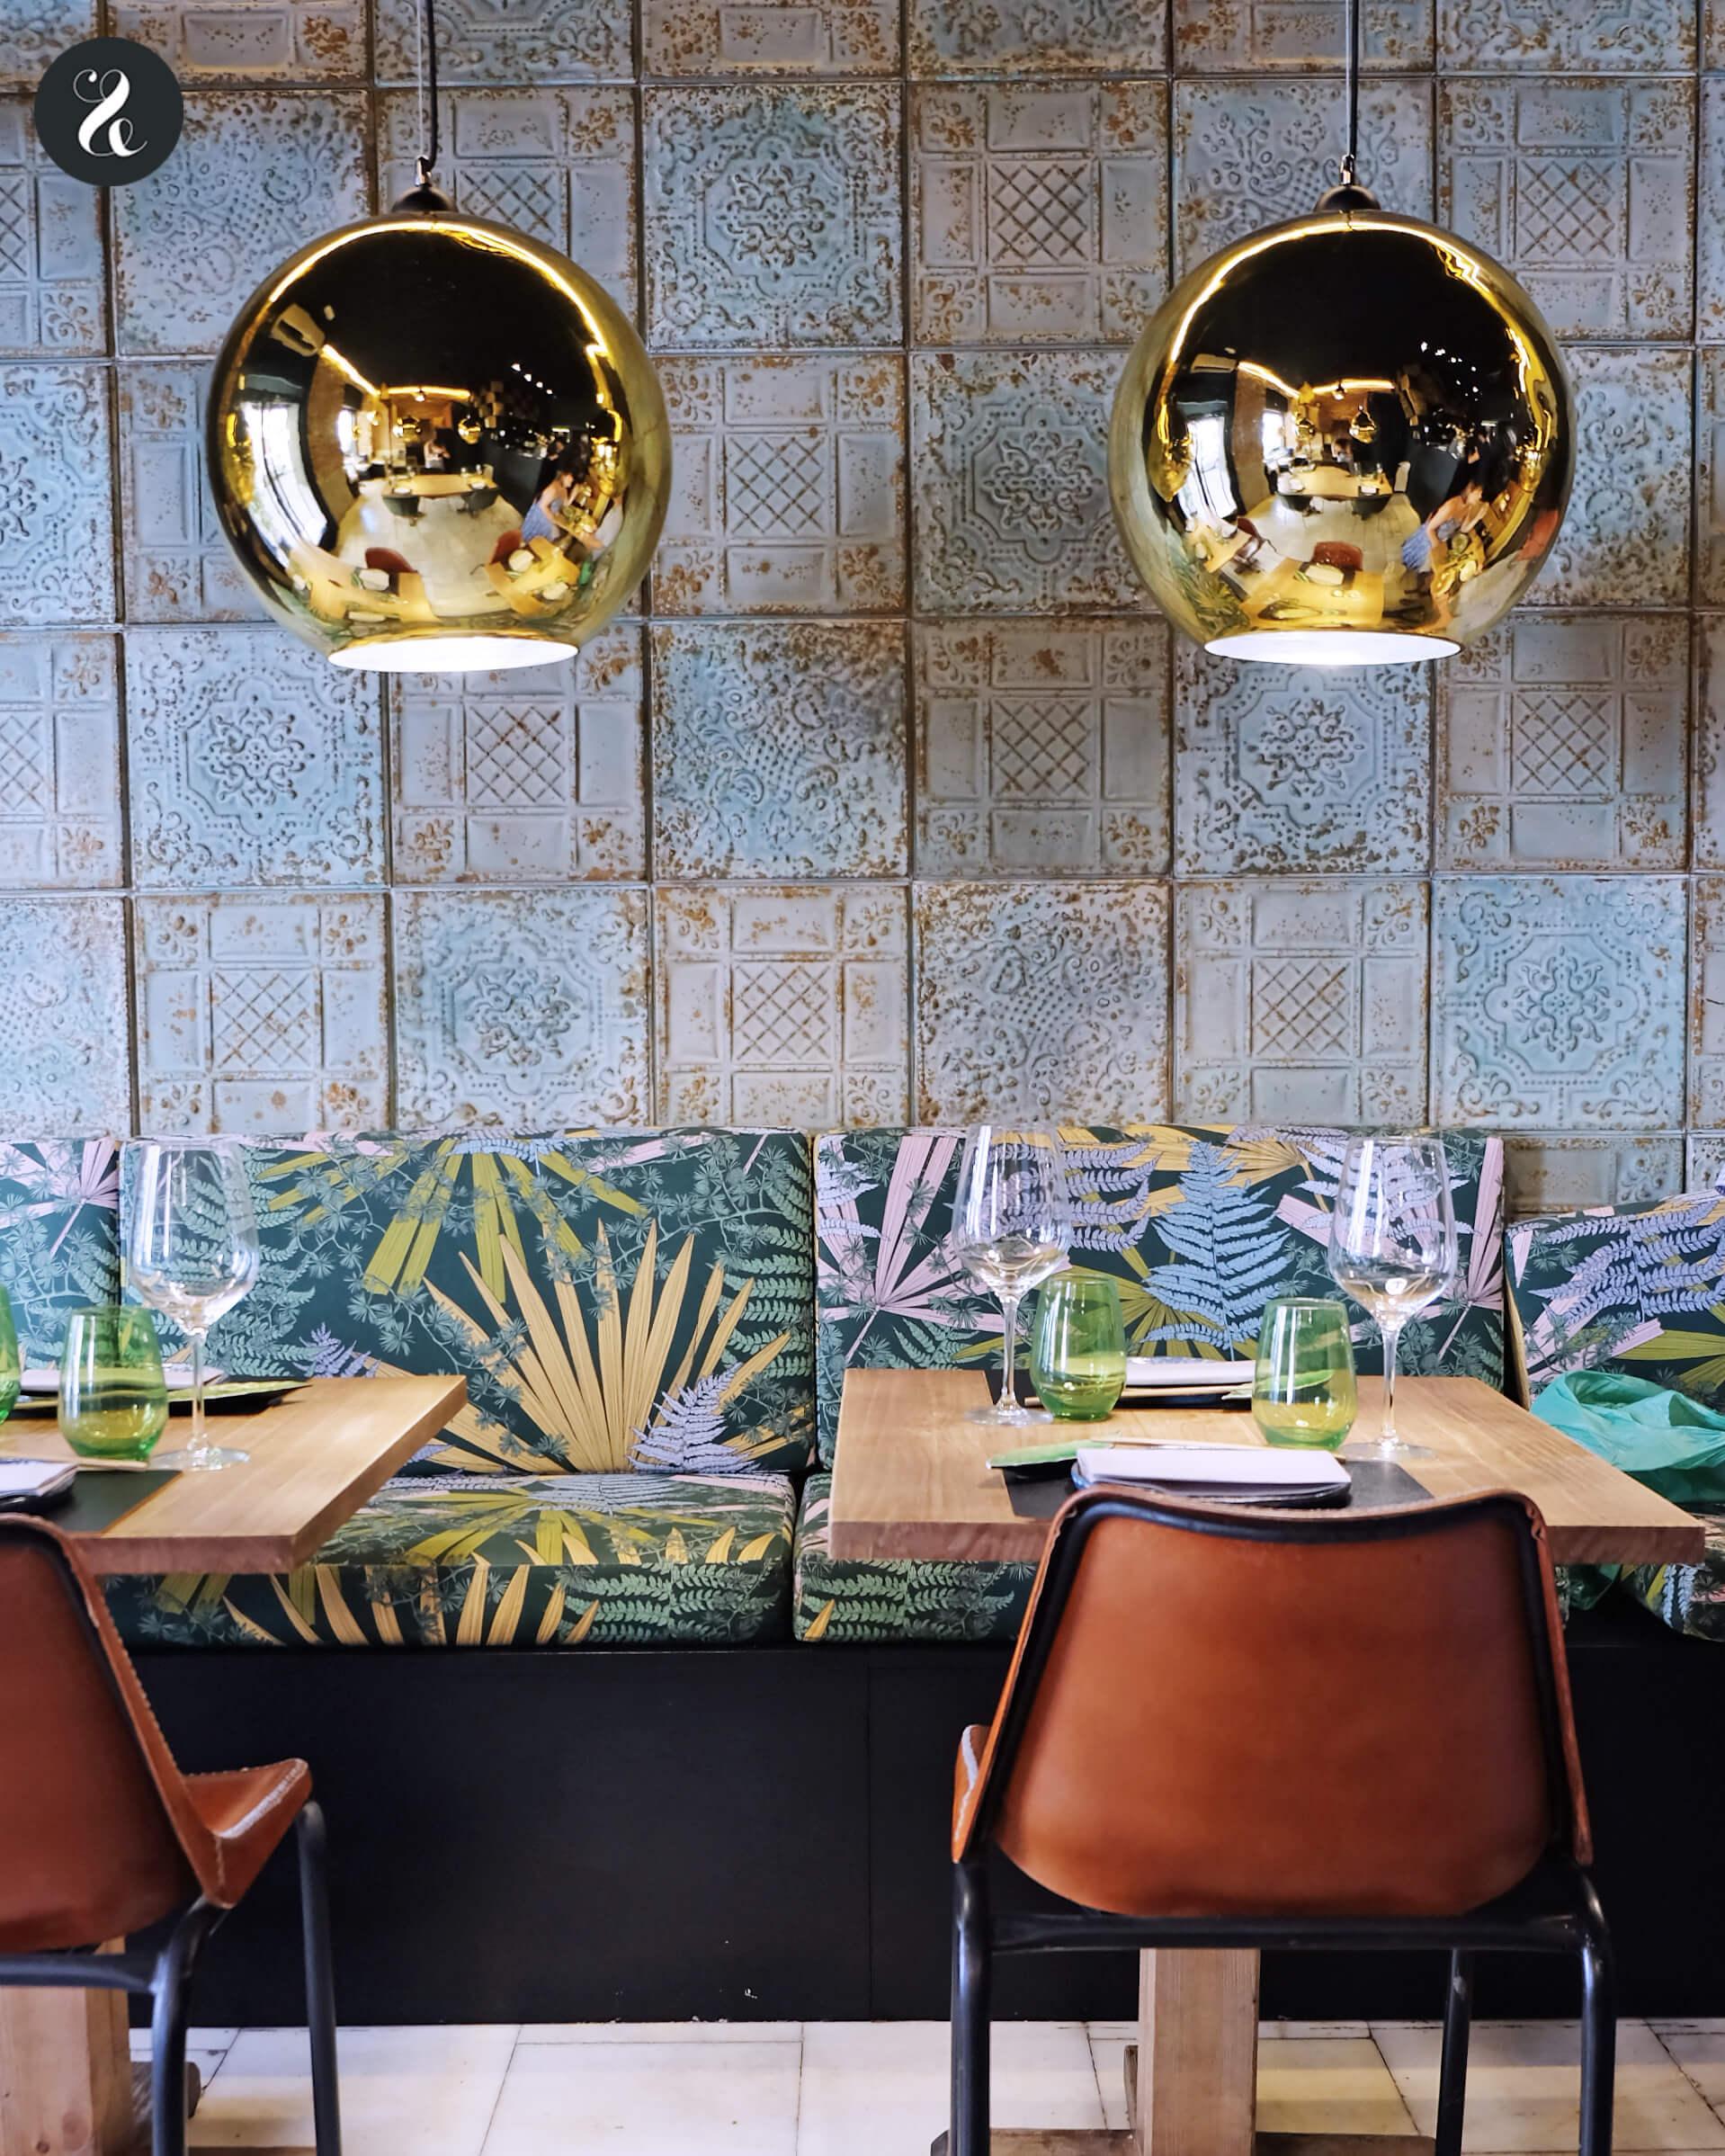 Sto Globo Sushi Room - Restaurantes buenos, bonitos y baratos Madrid